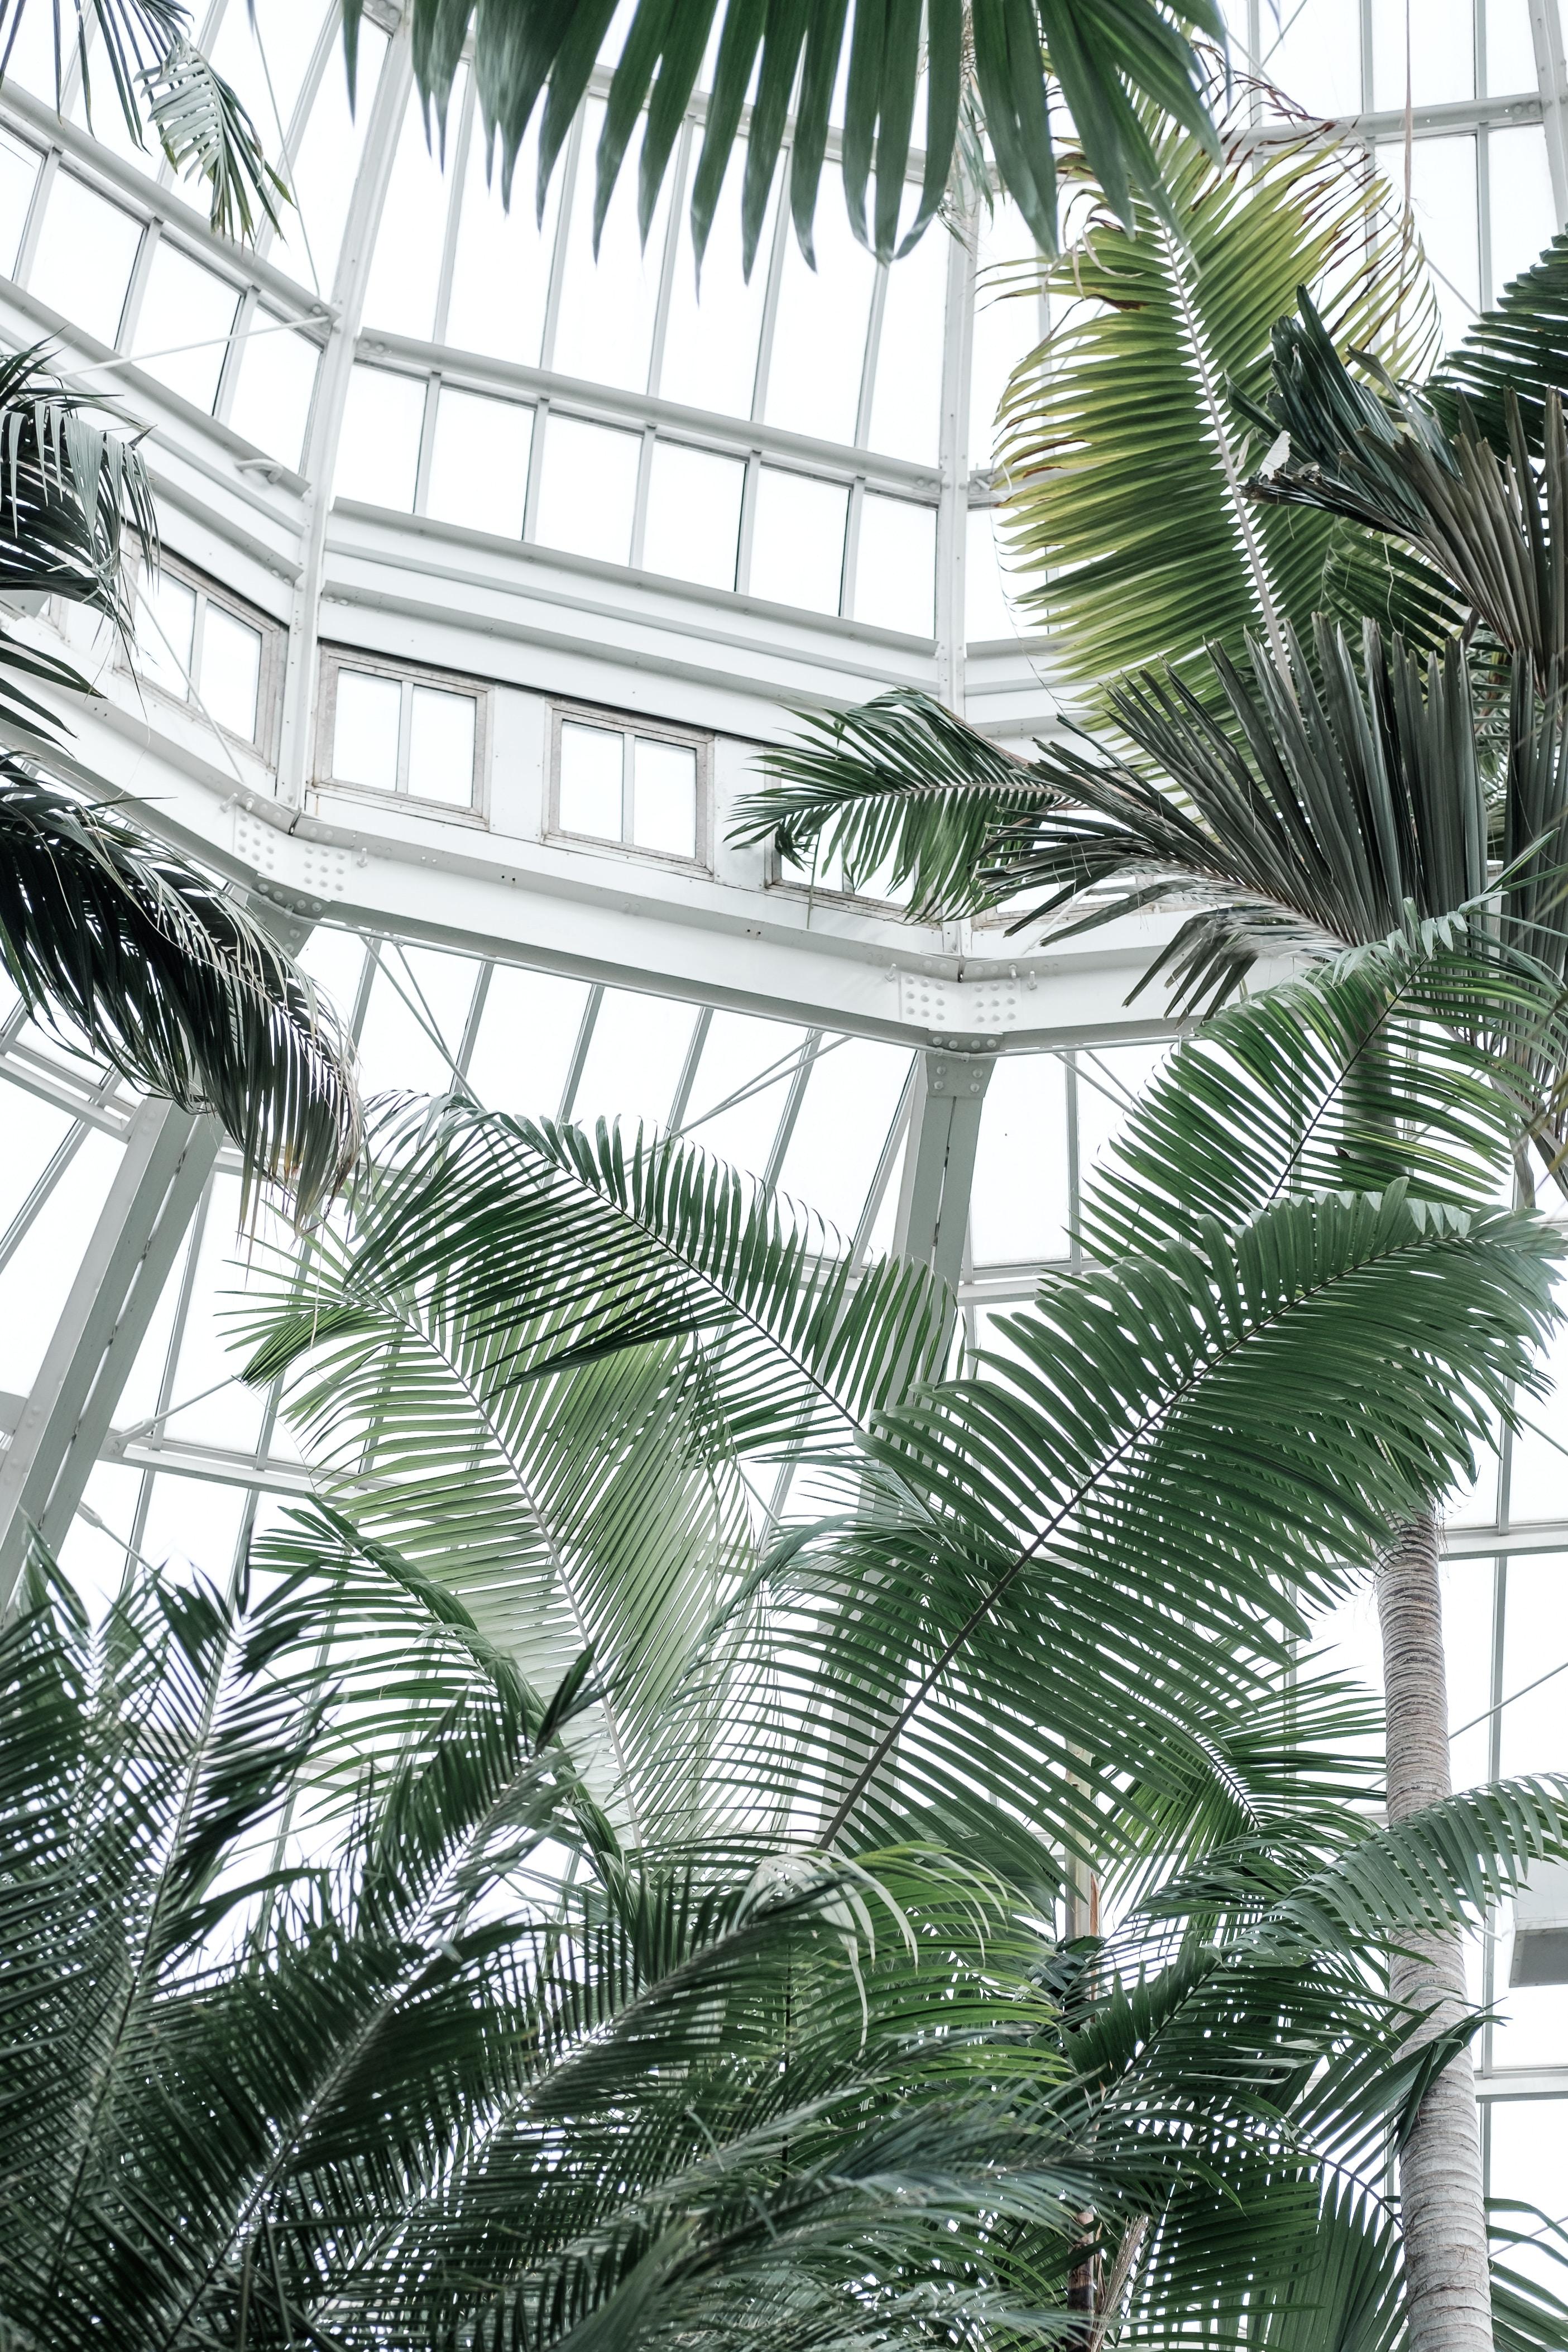 120414 скачать обои Разное, Оранжерея, Растения, Тропический, Пальмы - заставки и картинки бесплатно